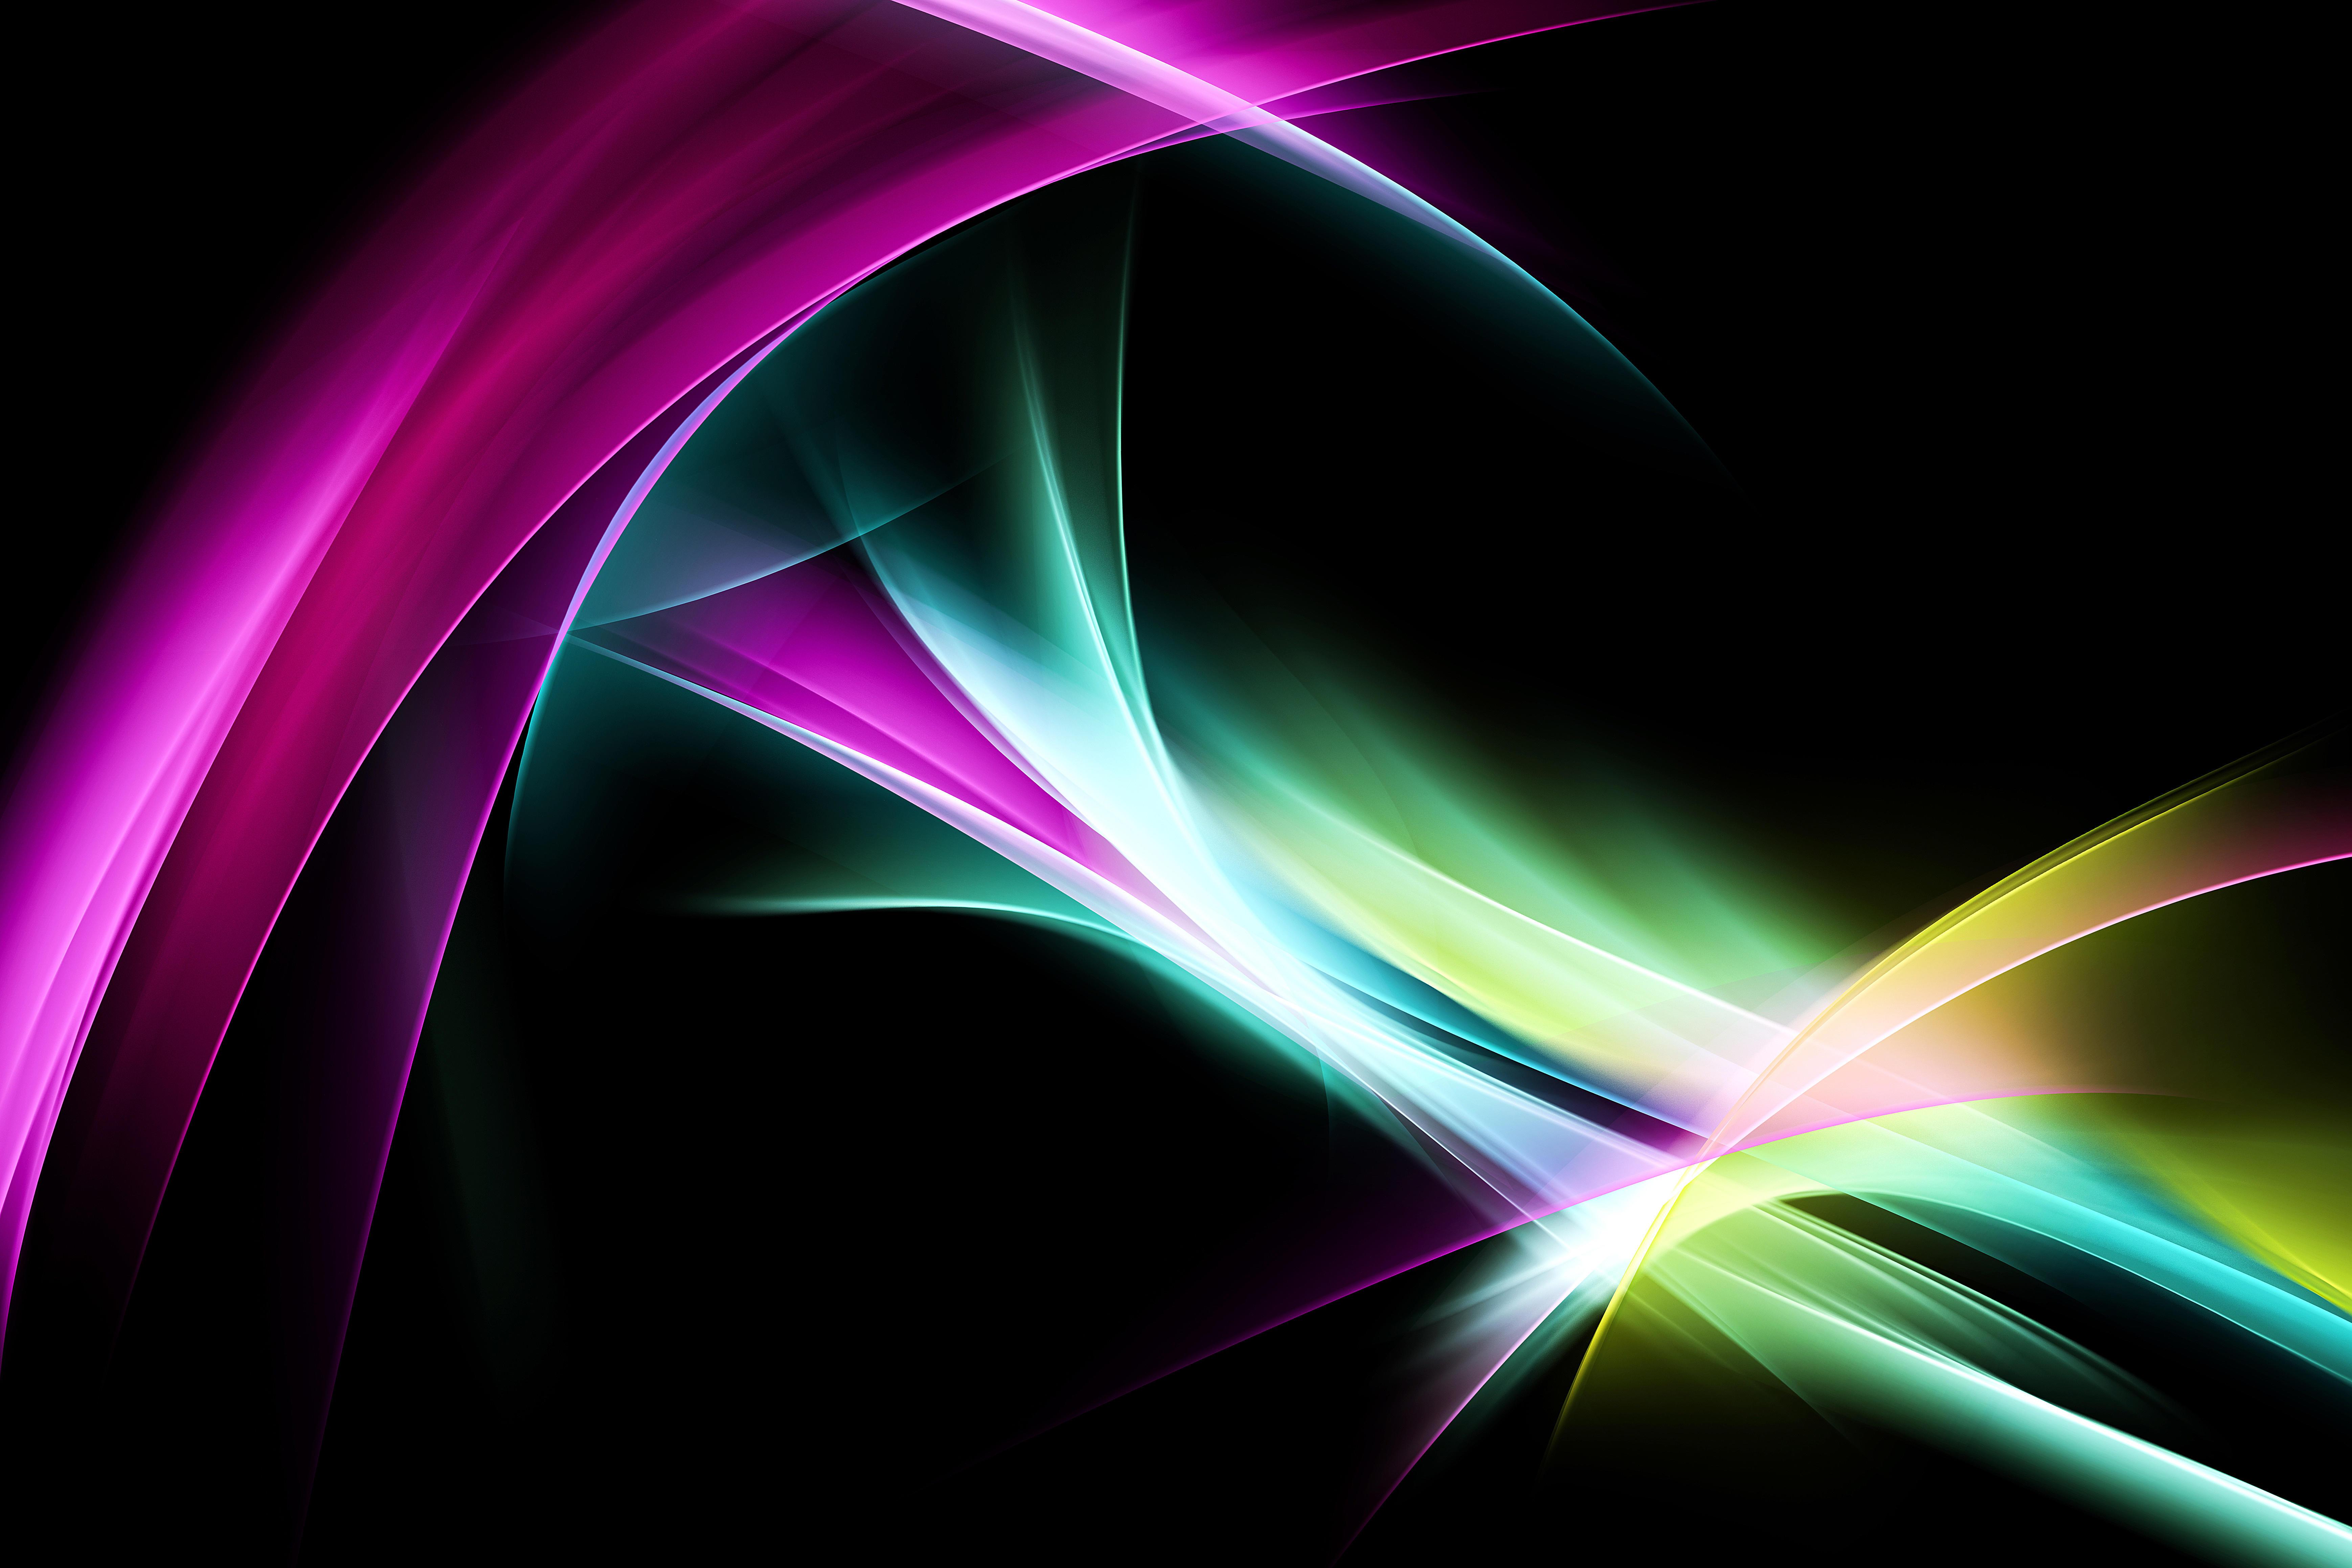 обои абстракция, цветной фон, разноцветный фон, текстура картинки фото